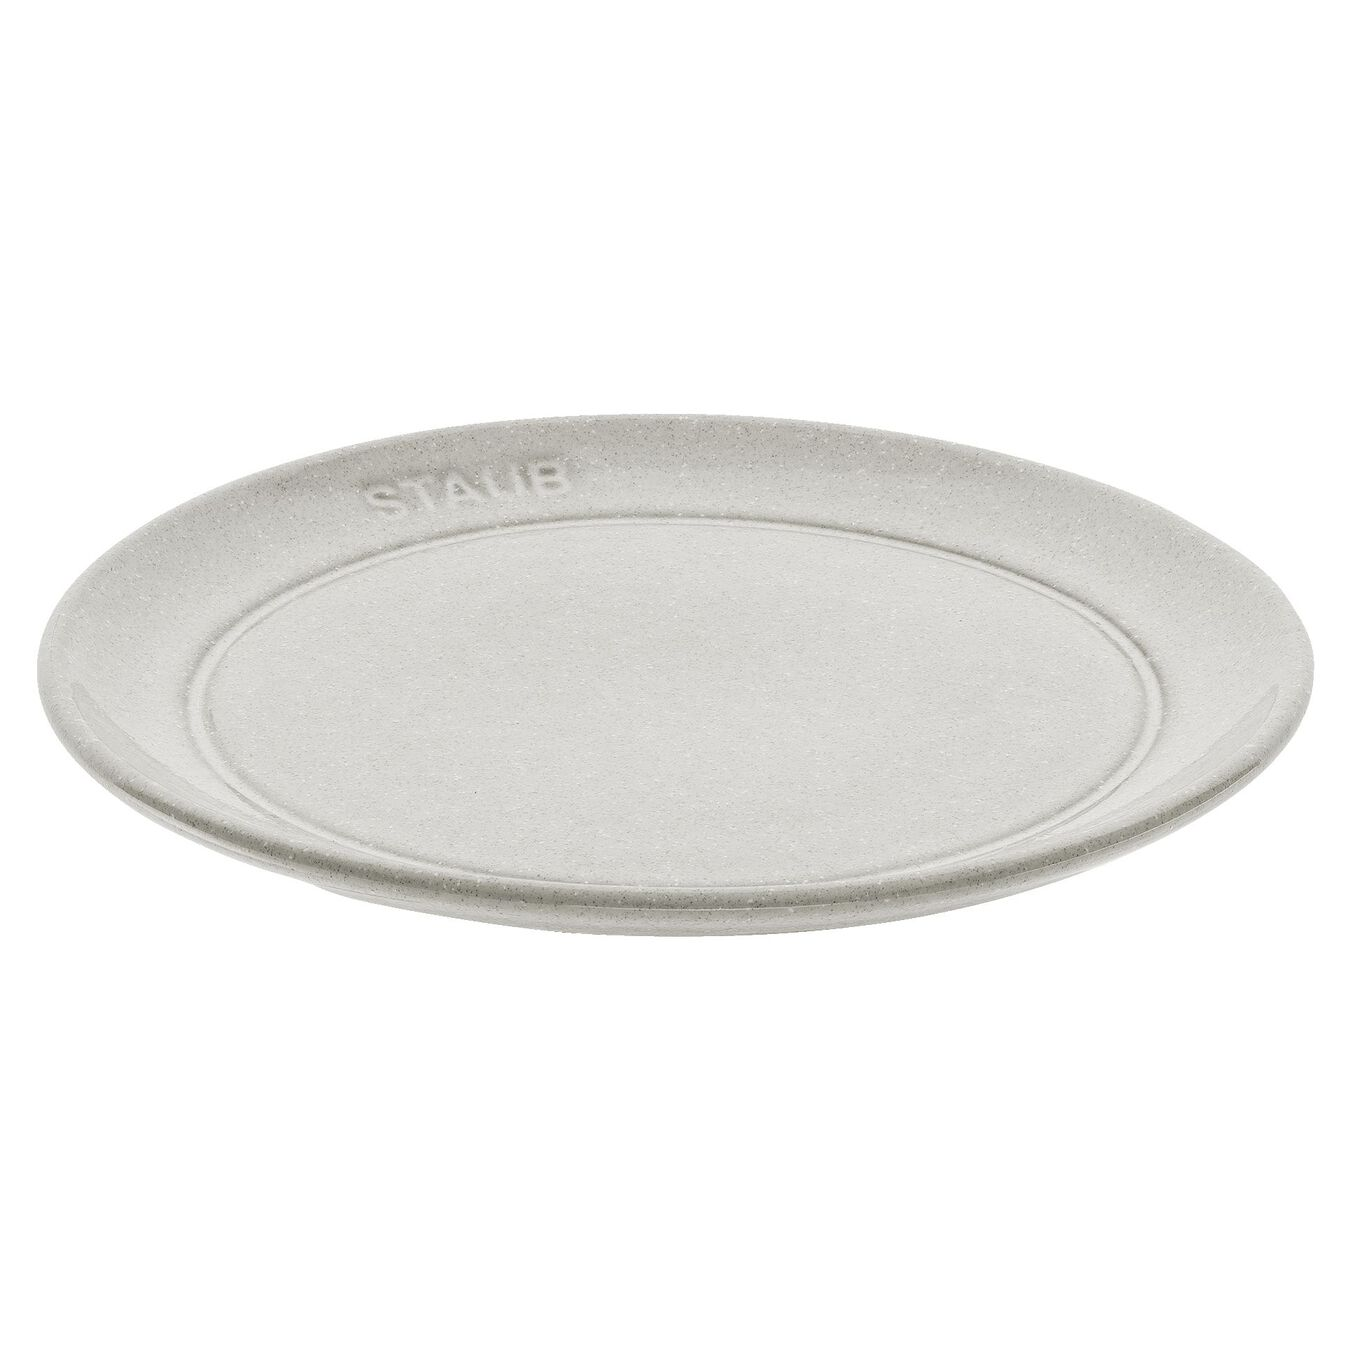 Assiette plat/plane 15 cm,,large 1